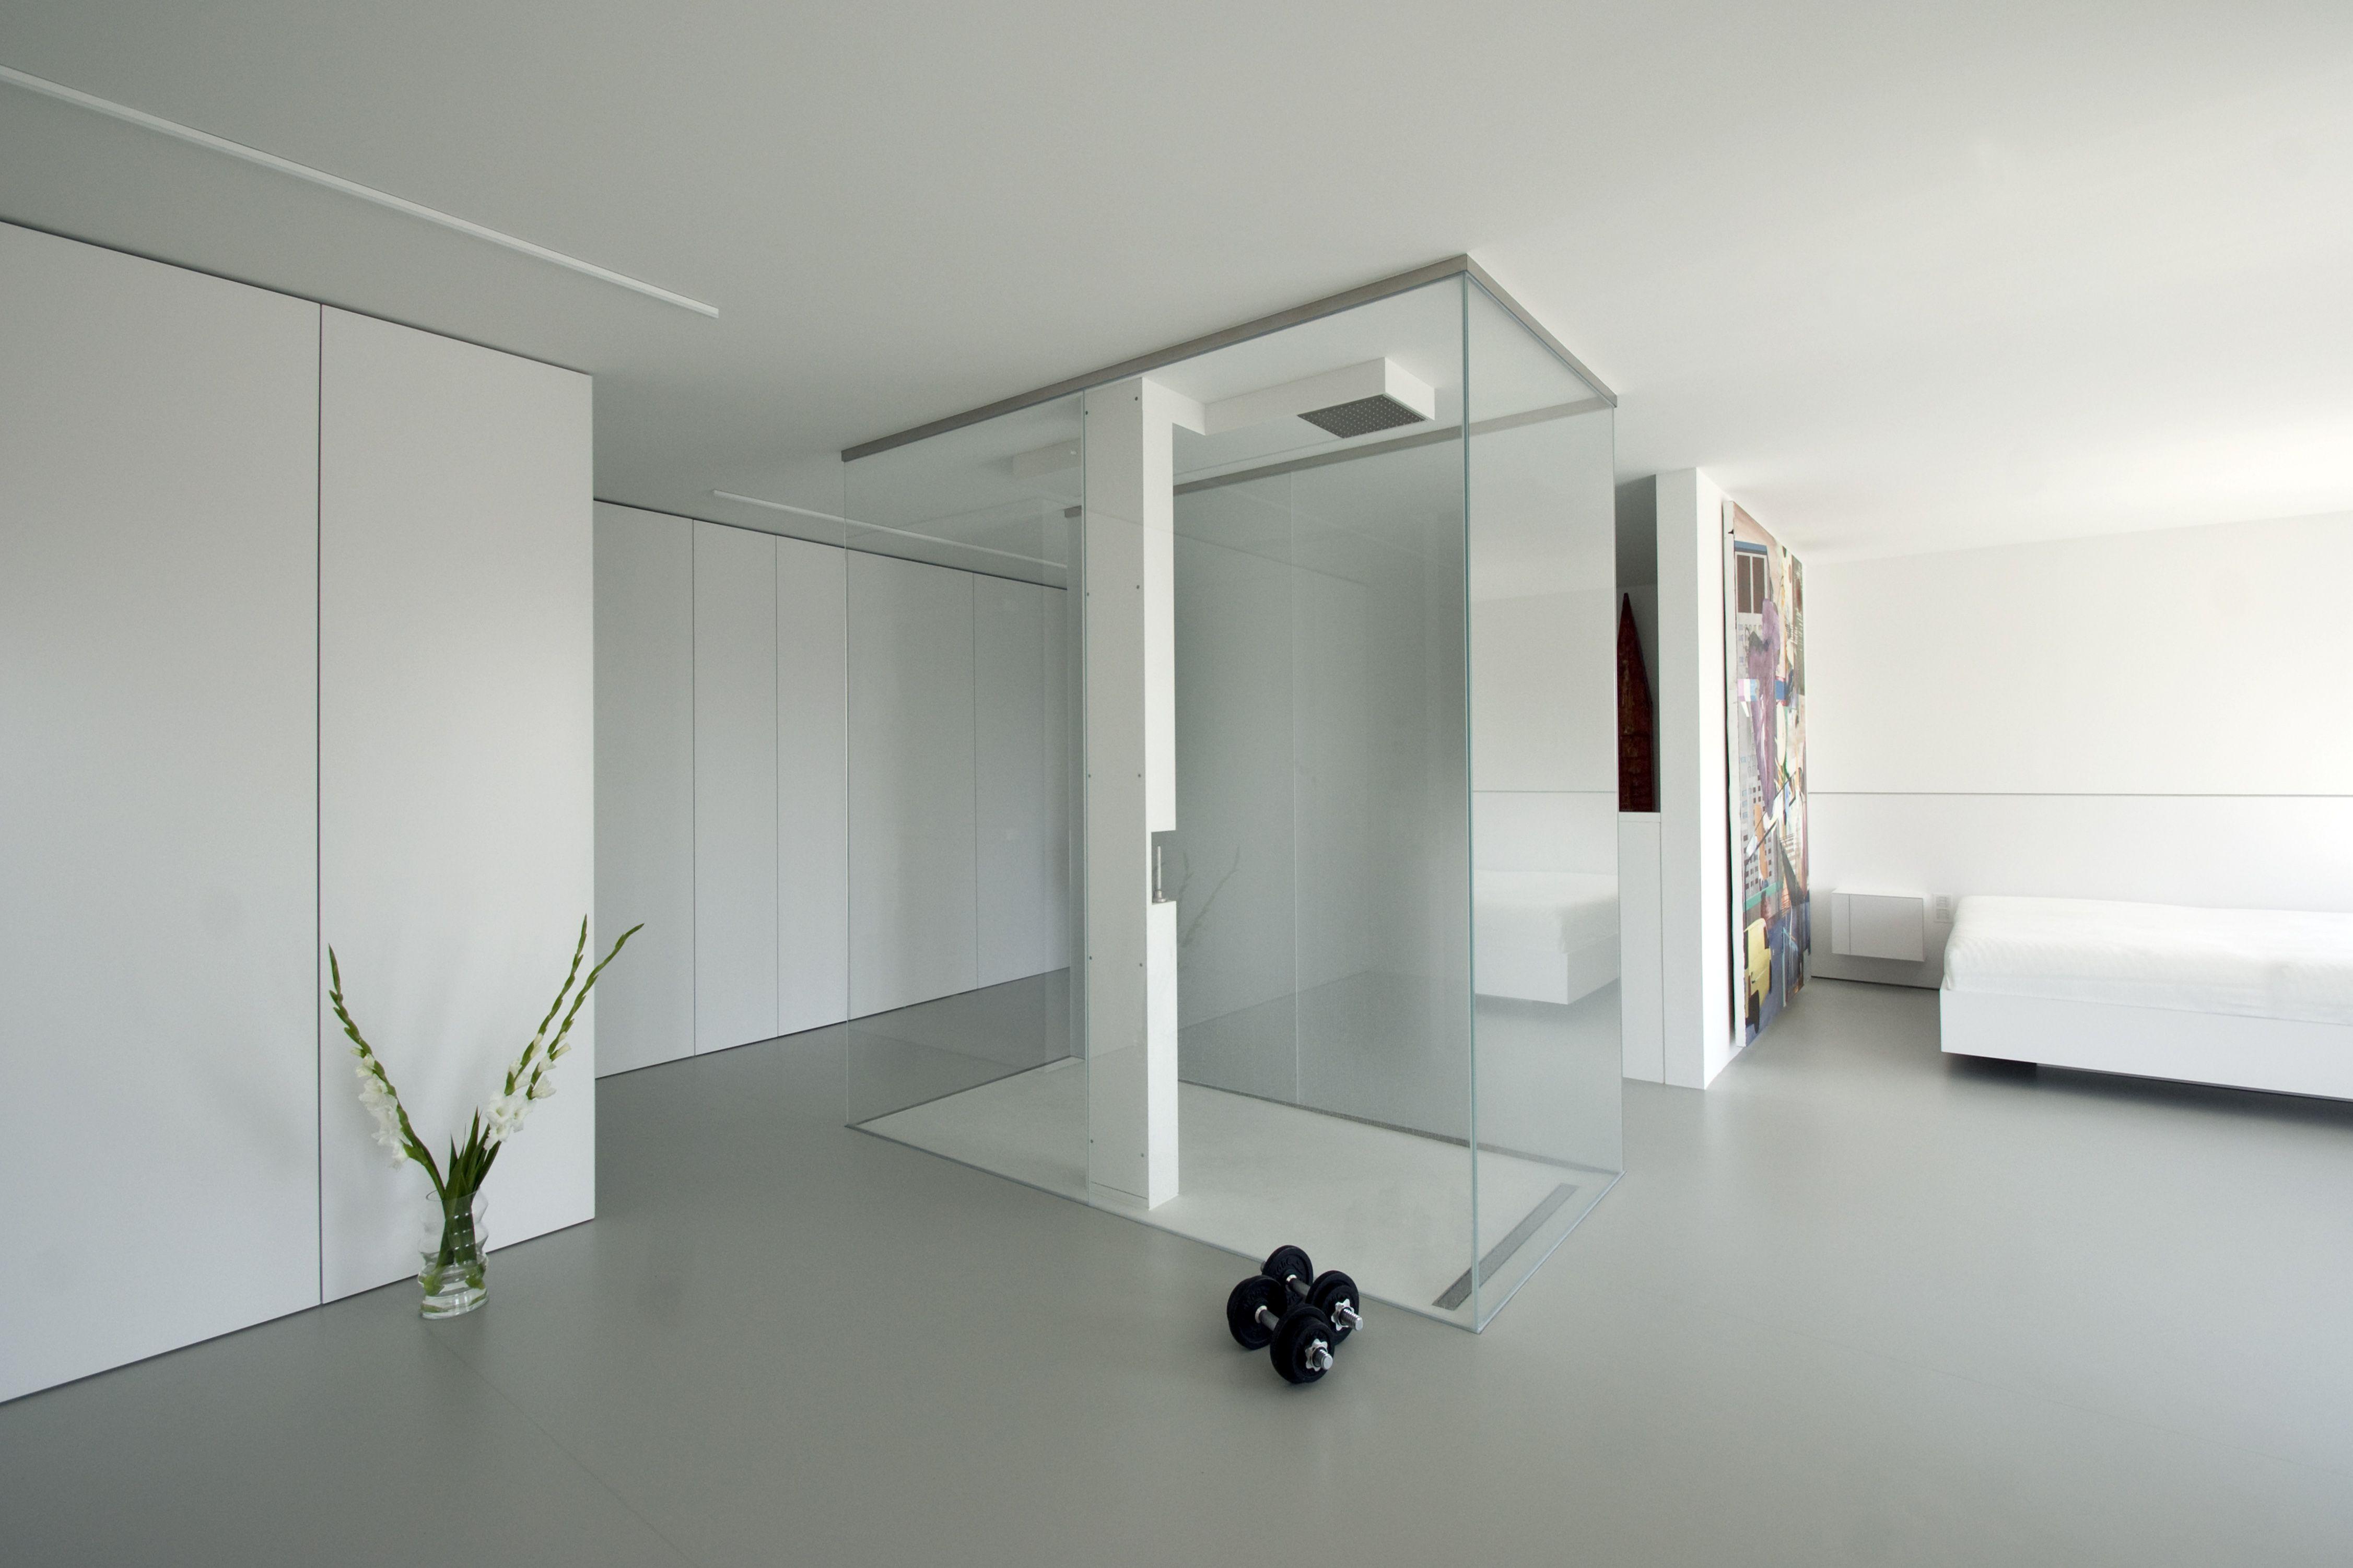 Wohnbereich, Dusche, Einbauschränke, Schlafzimmer, weiß lackierte ...